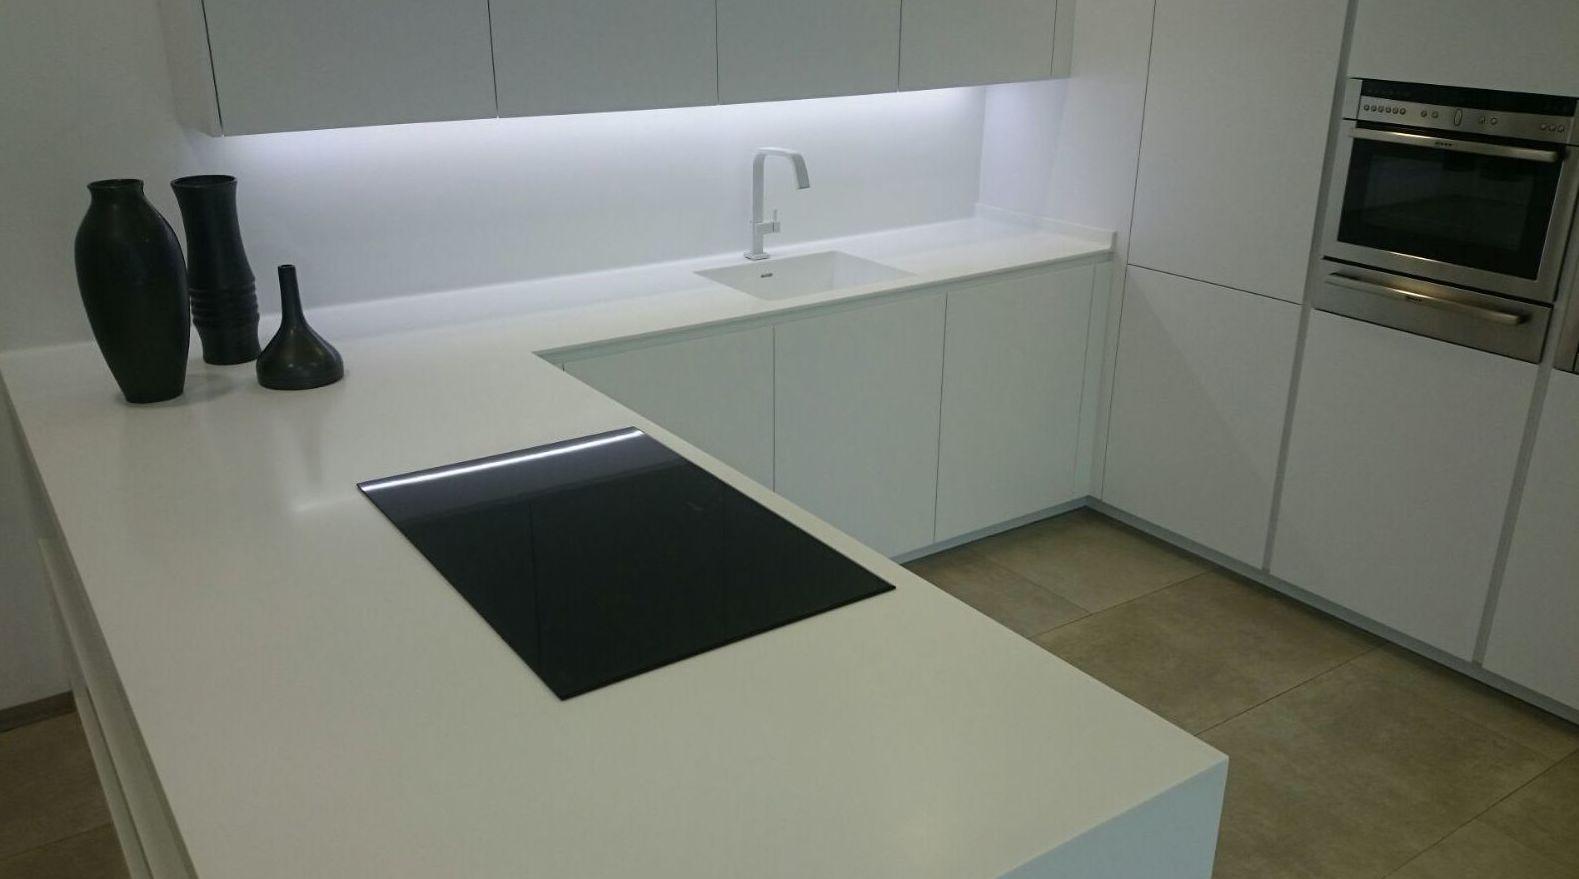 Nuestros proyectos  : Productos y servicios   de TIRAPU Y ZOROQUIAIN